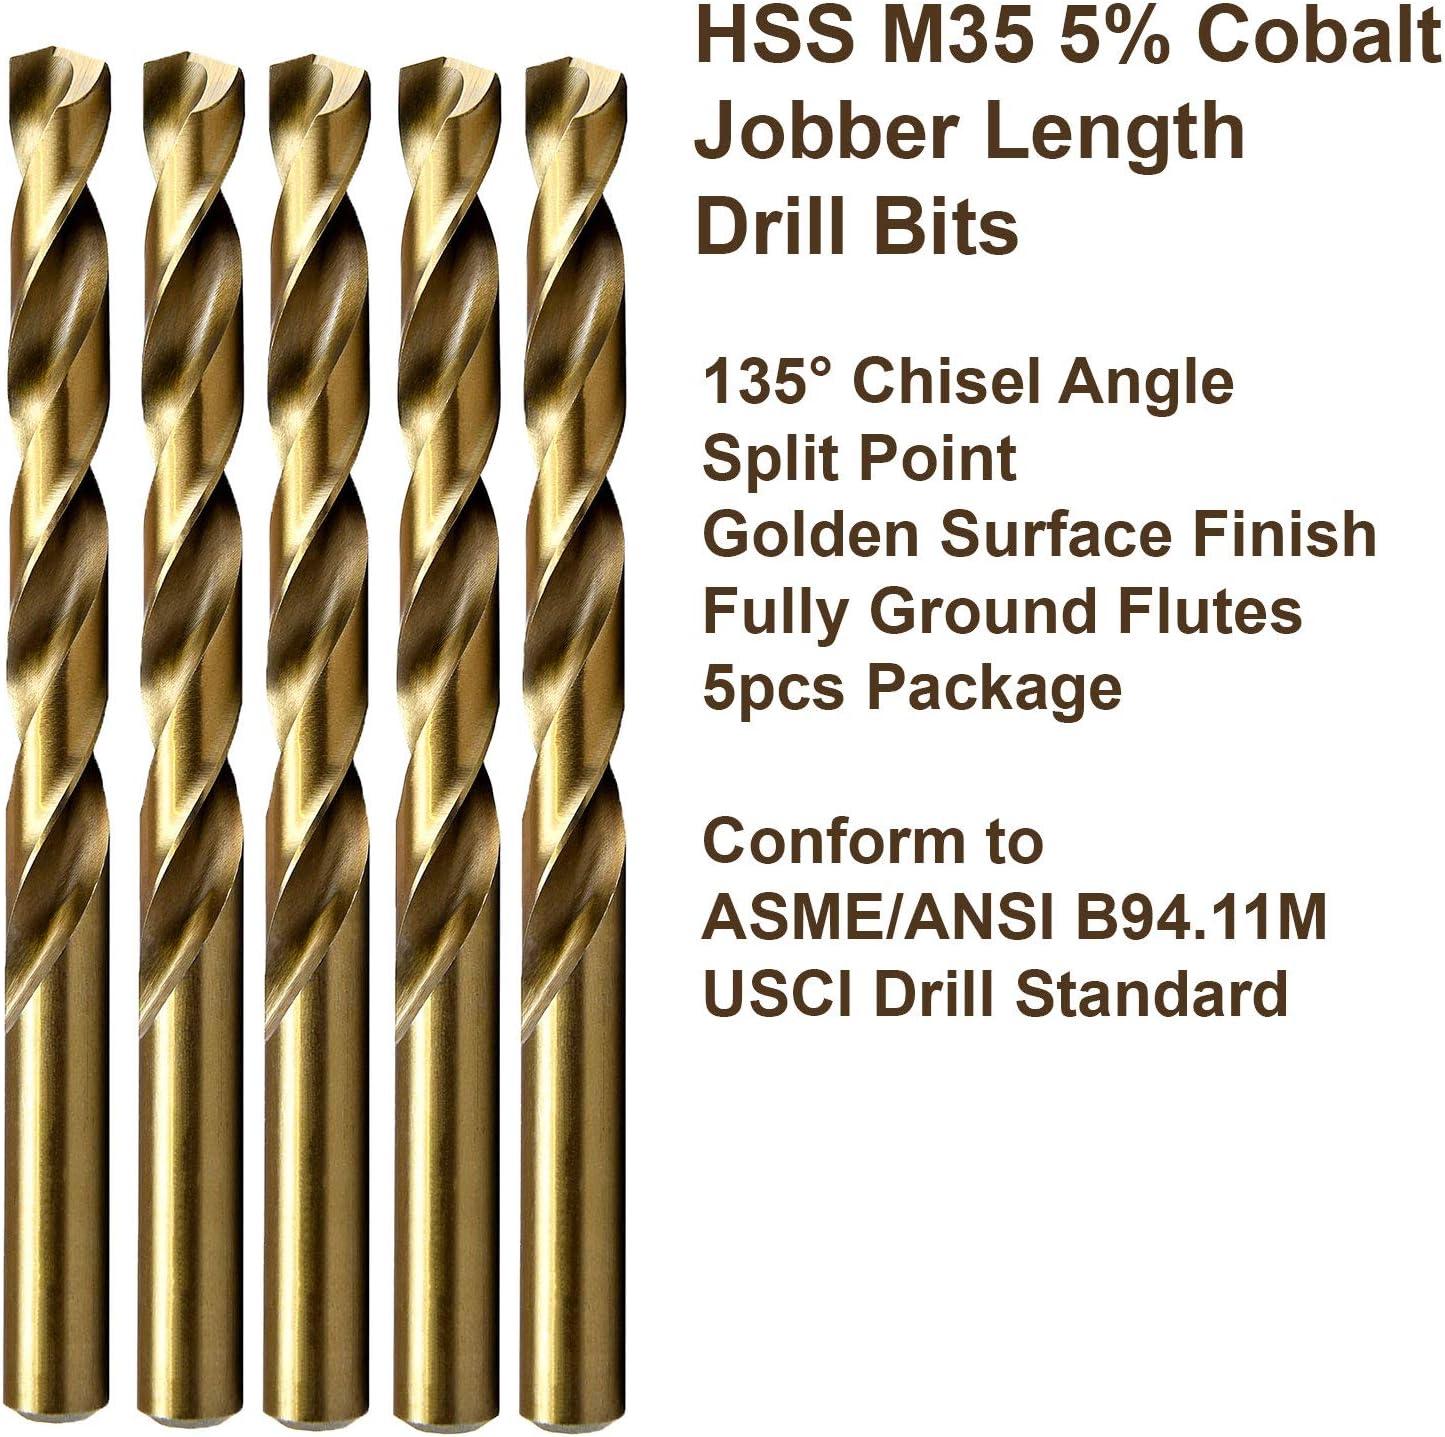 MAXTOOL No 21 Dia 0.159 Wire Gauge 5pcs Jobber Twist Drill Bits HSS M35 5/% Cobalt; JBN35G10R21P5